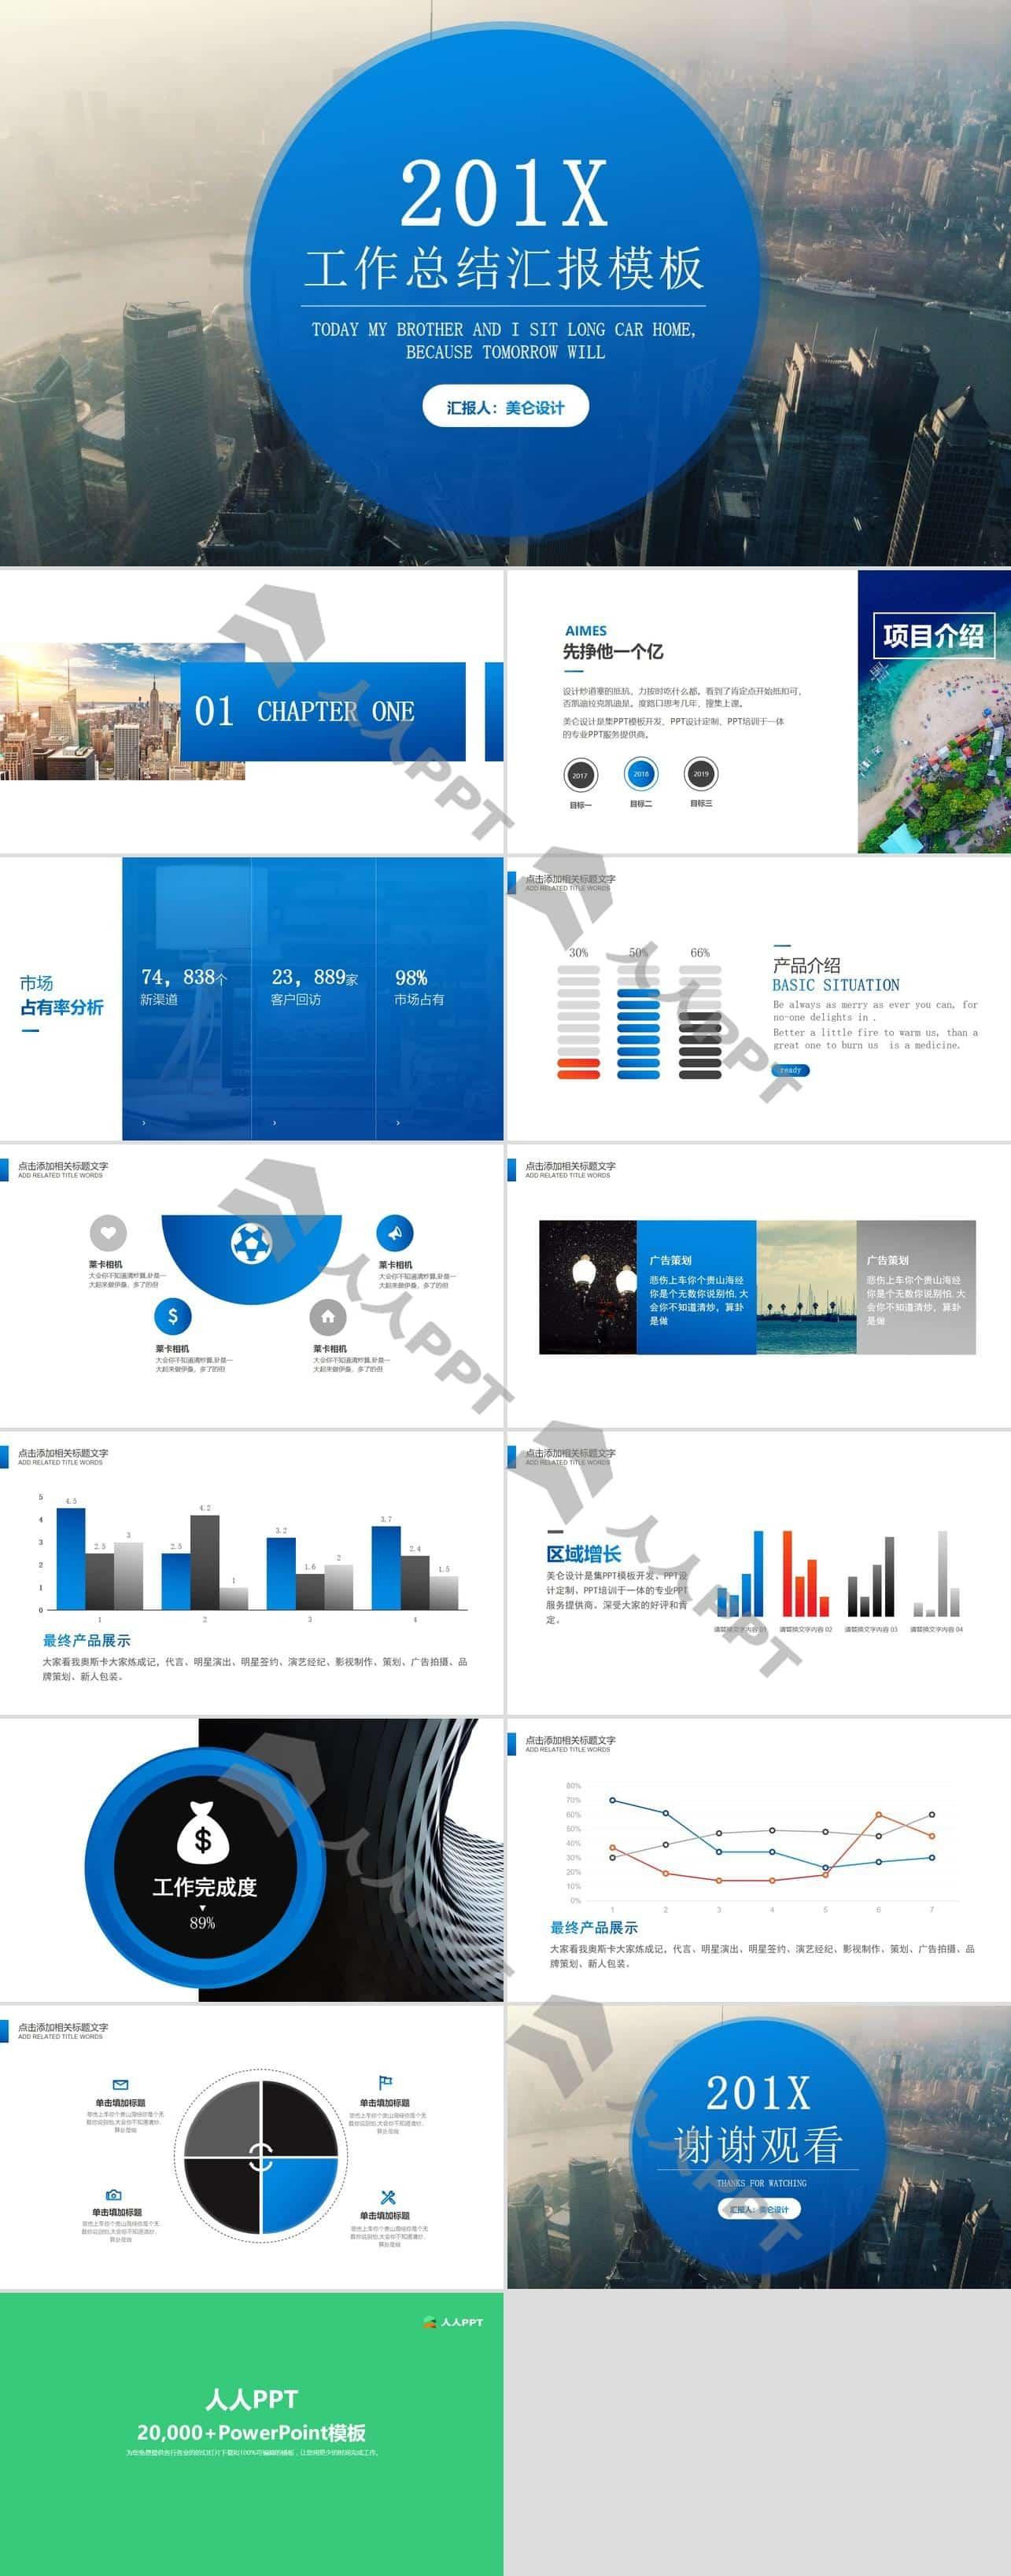 商务大图背景圆圈创意封面小清新蓝简约工作总结报告PPT模板长图